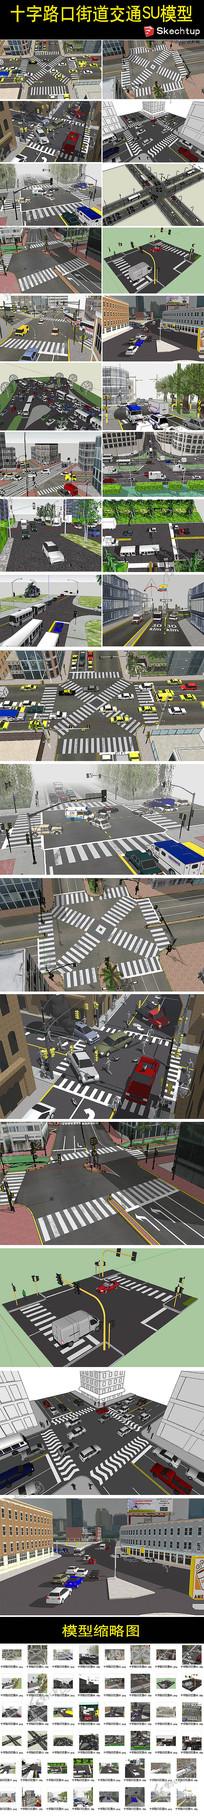 十字路口街道交通SU模型